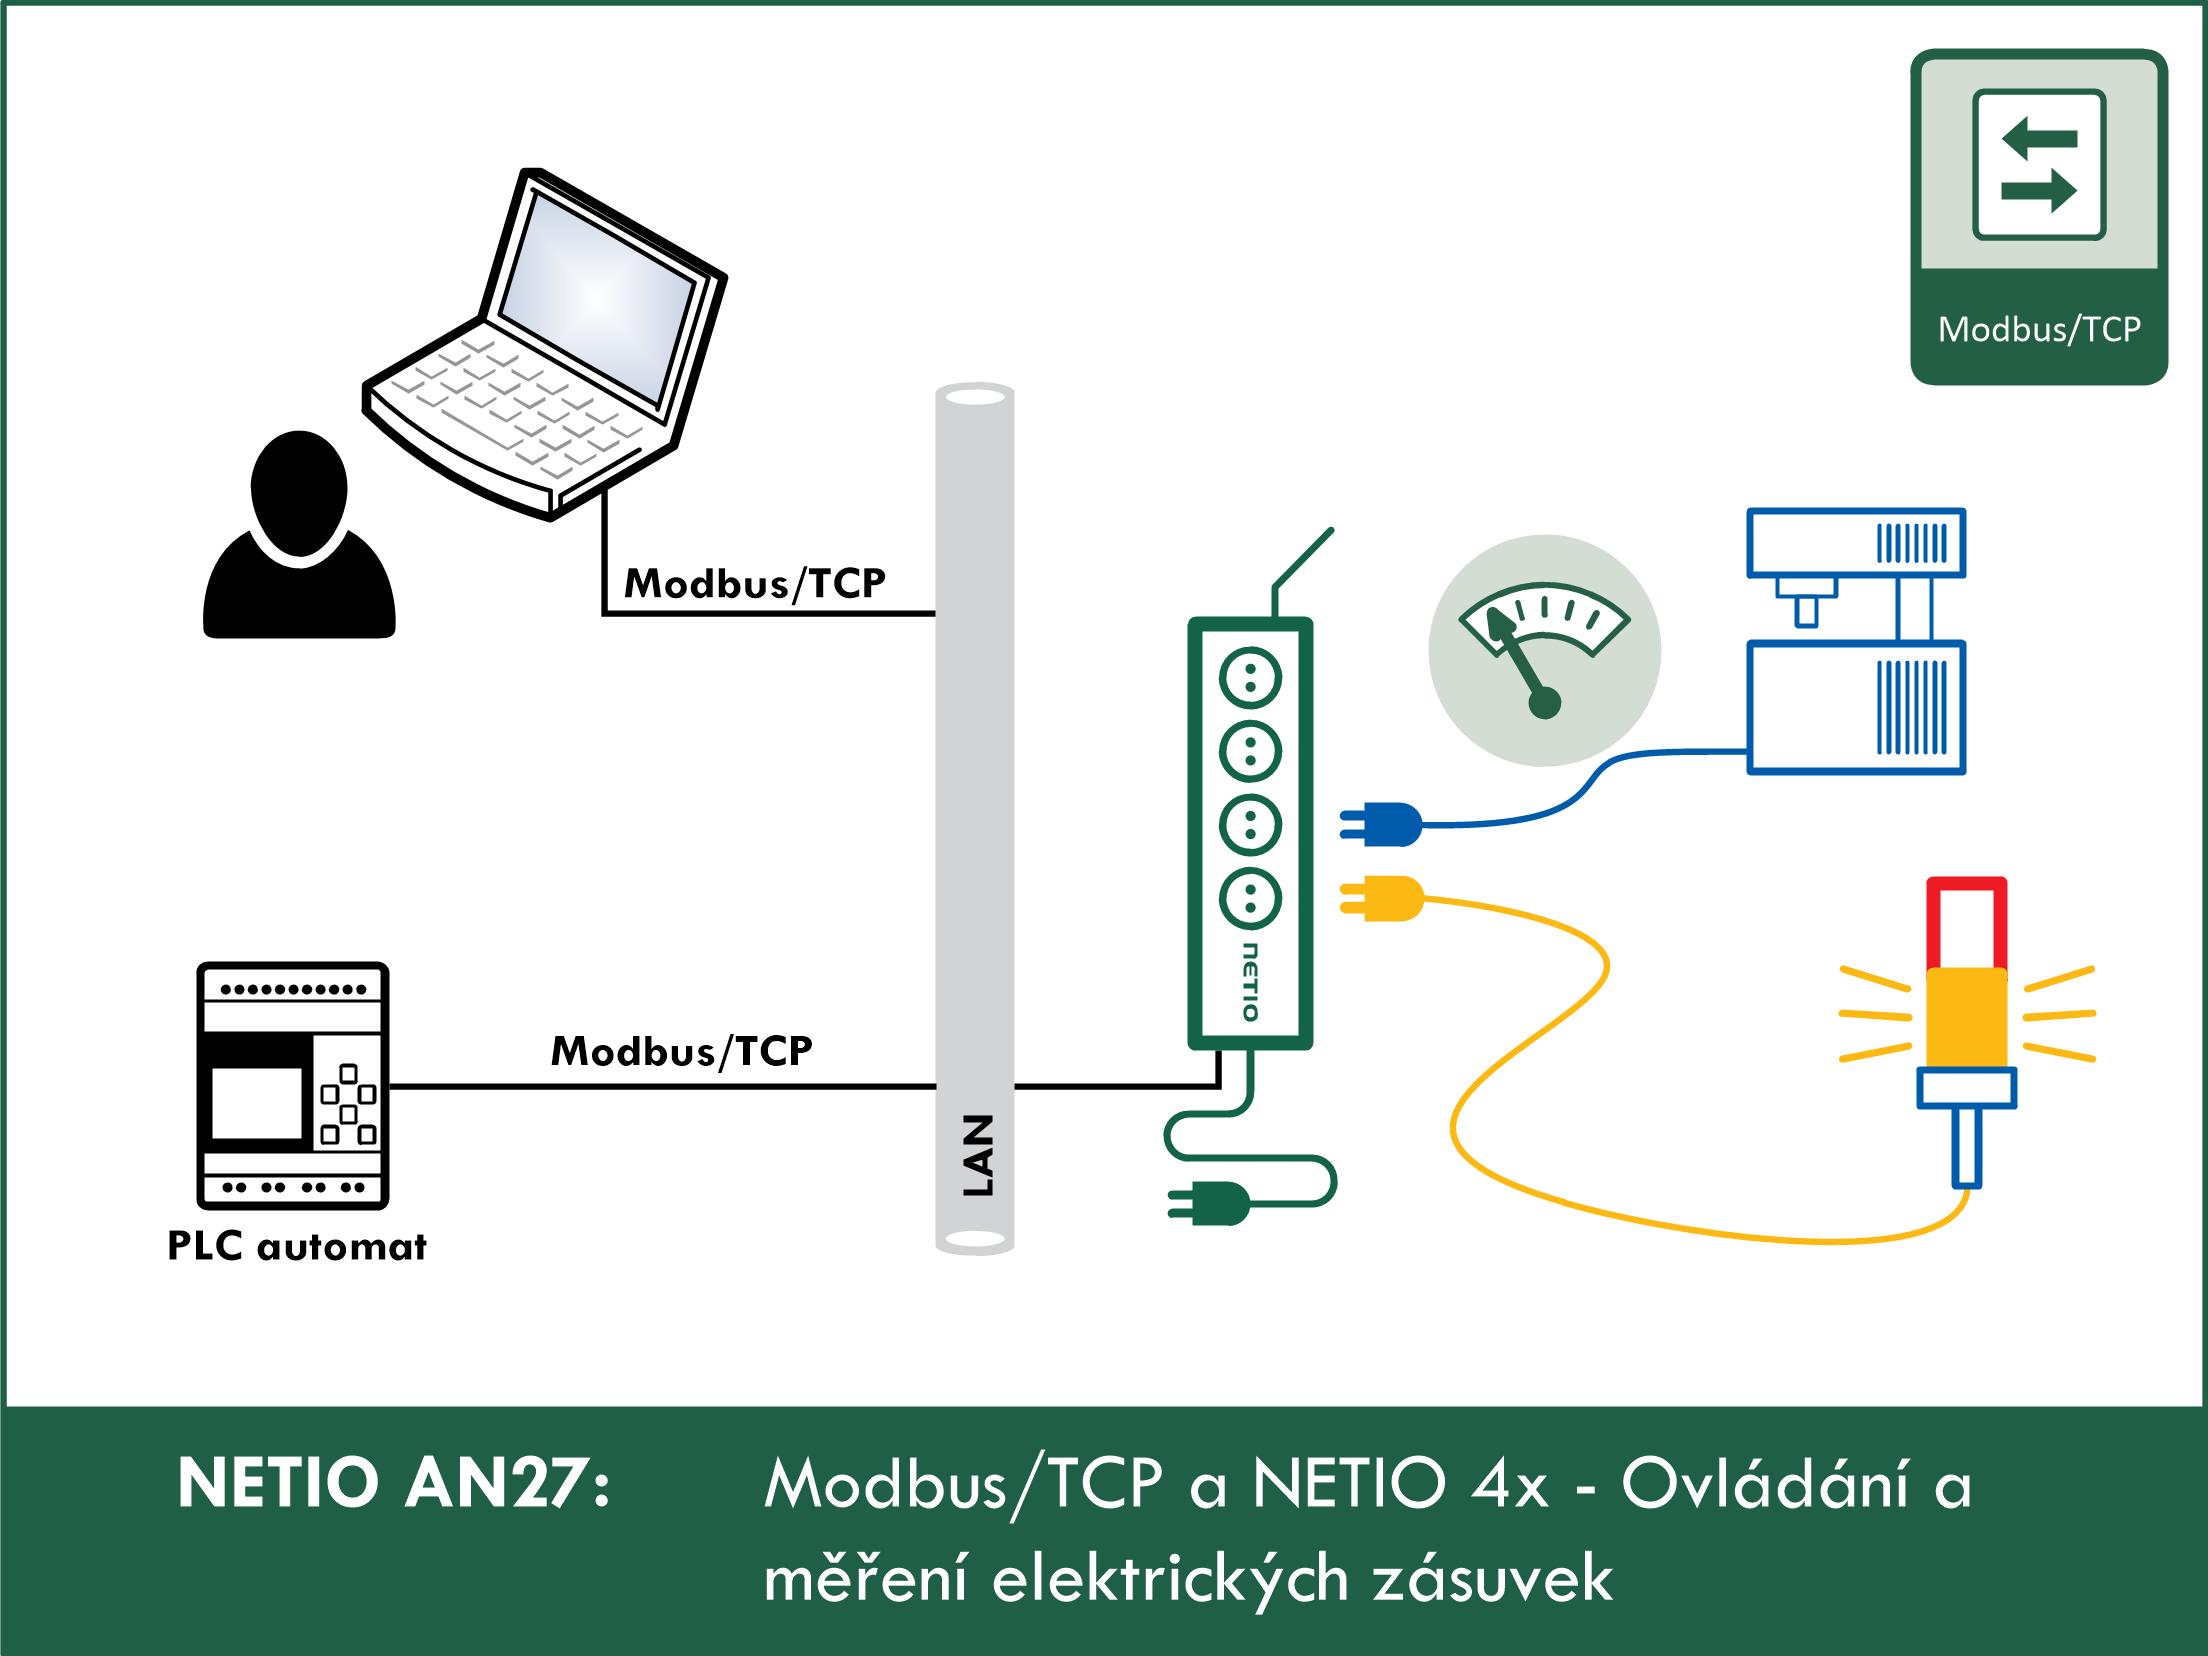 Protokol Modbus/TCP a NETIO zařízení